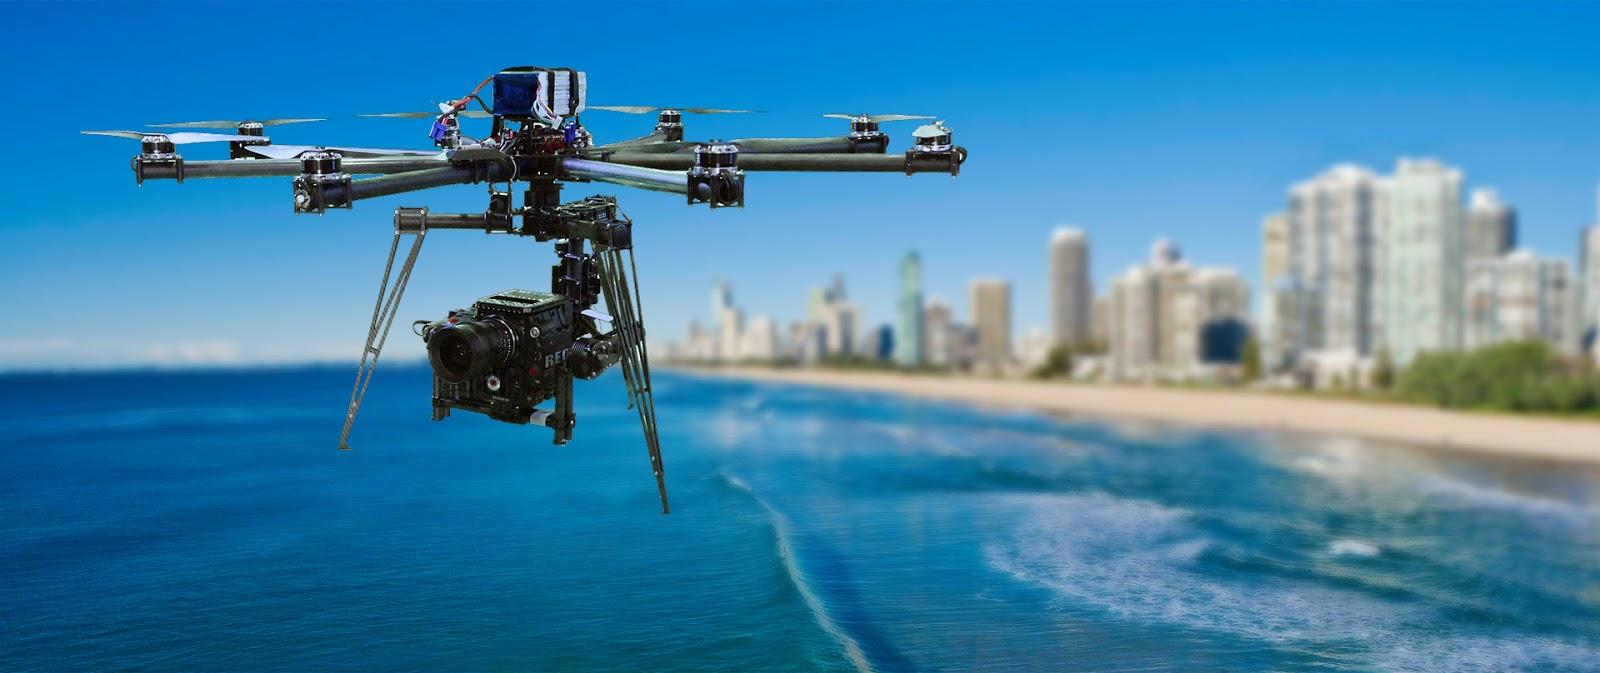 Plataforma fotográfica aerea